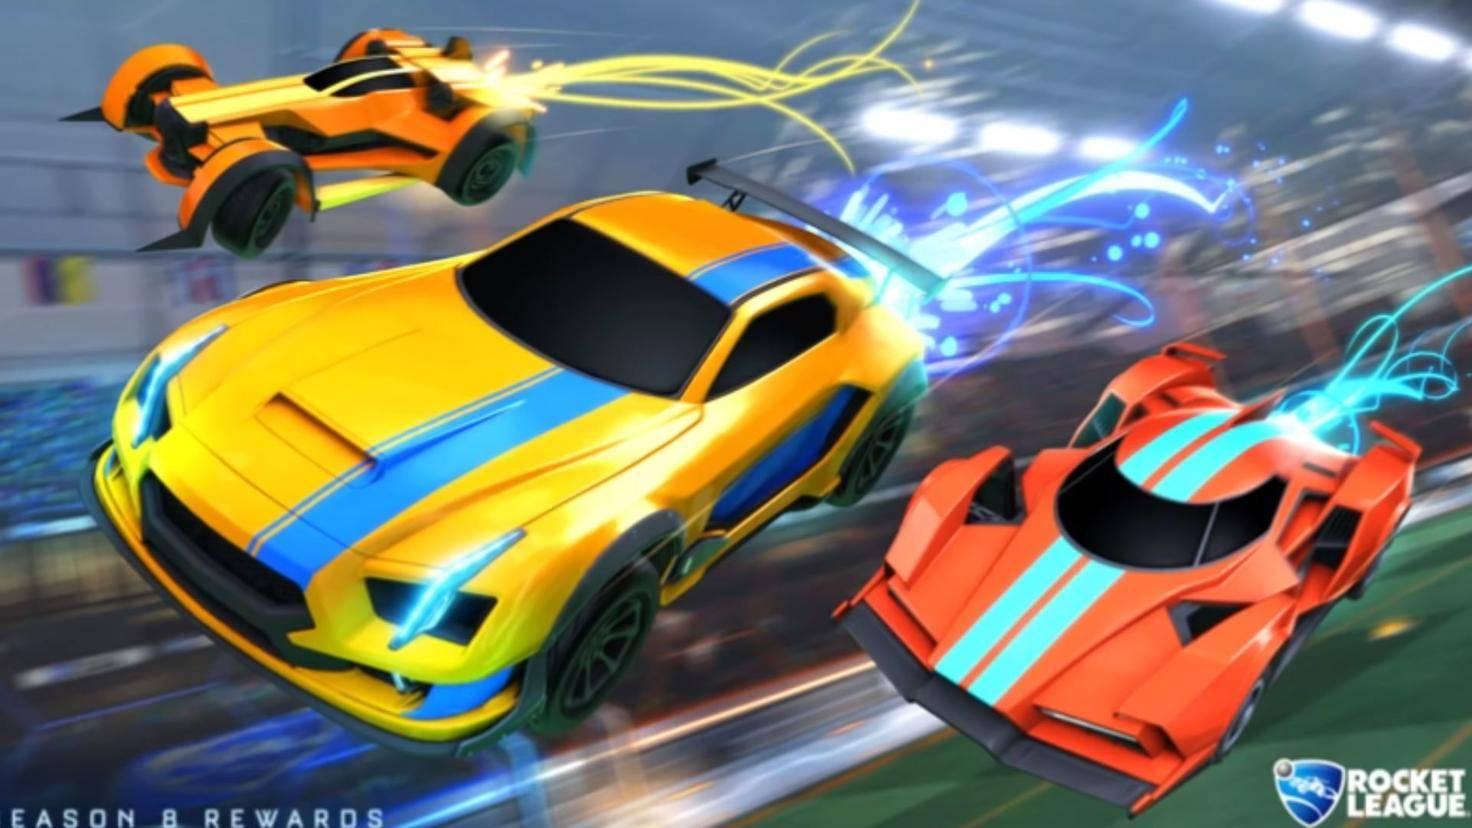 Rocket League rocket boost 2